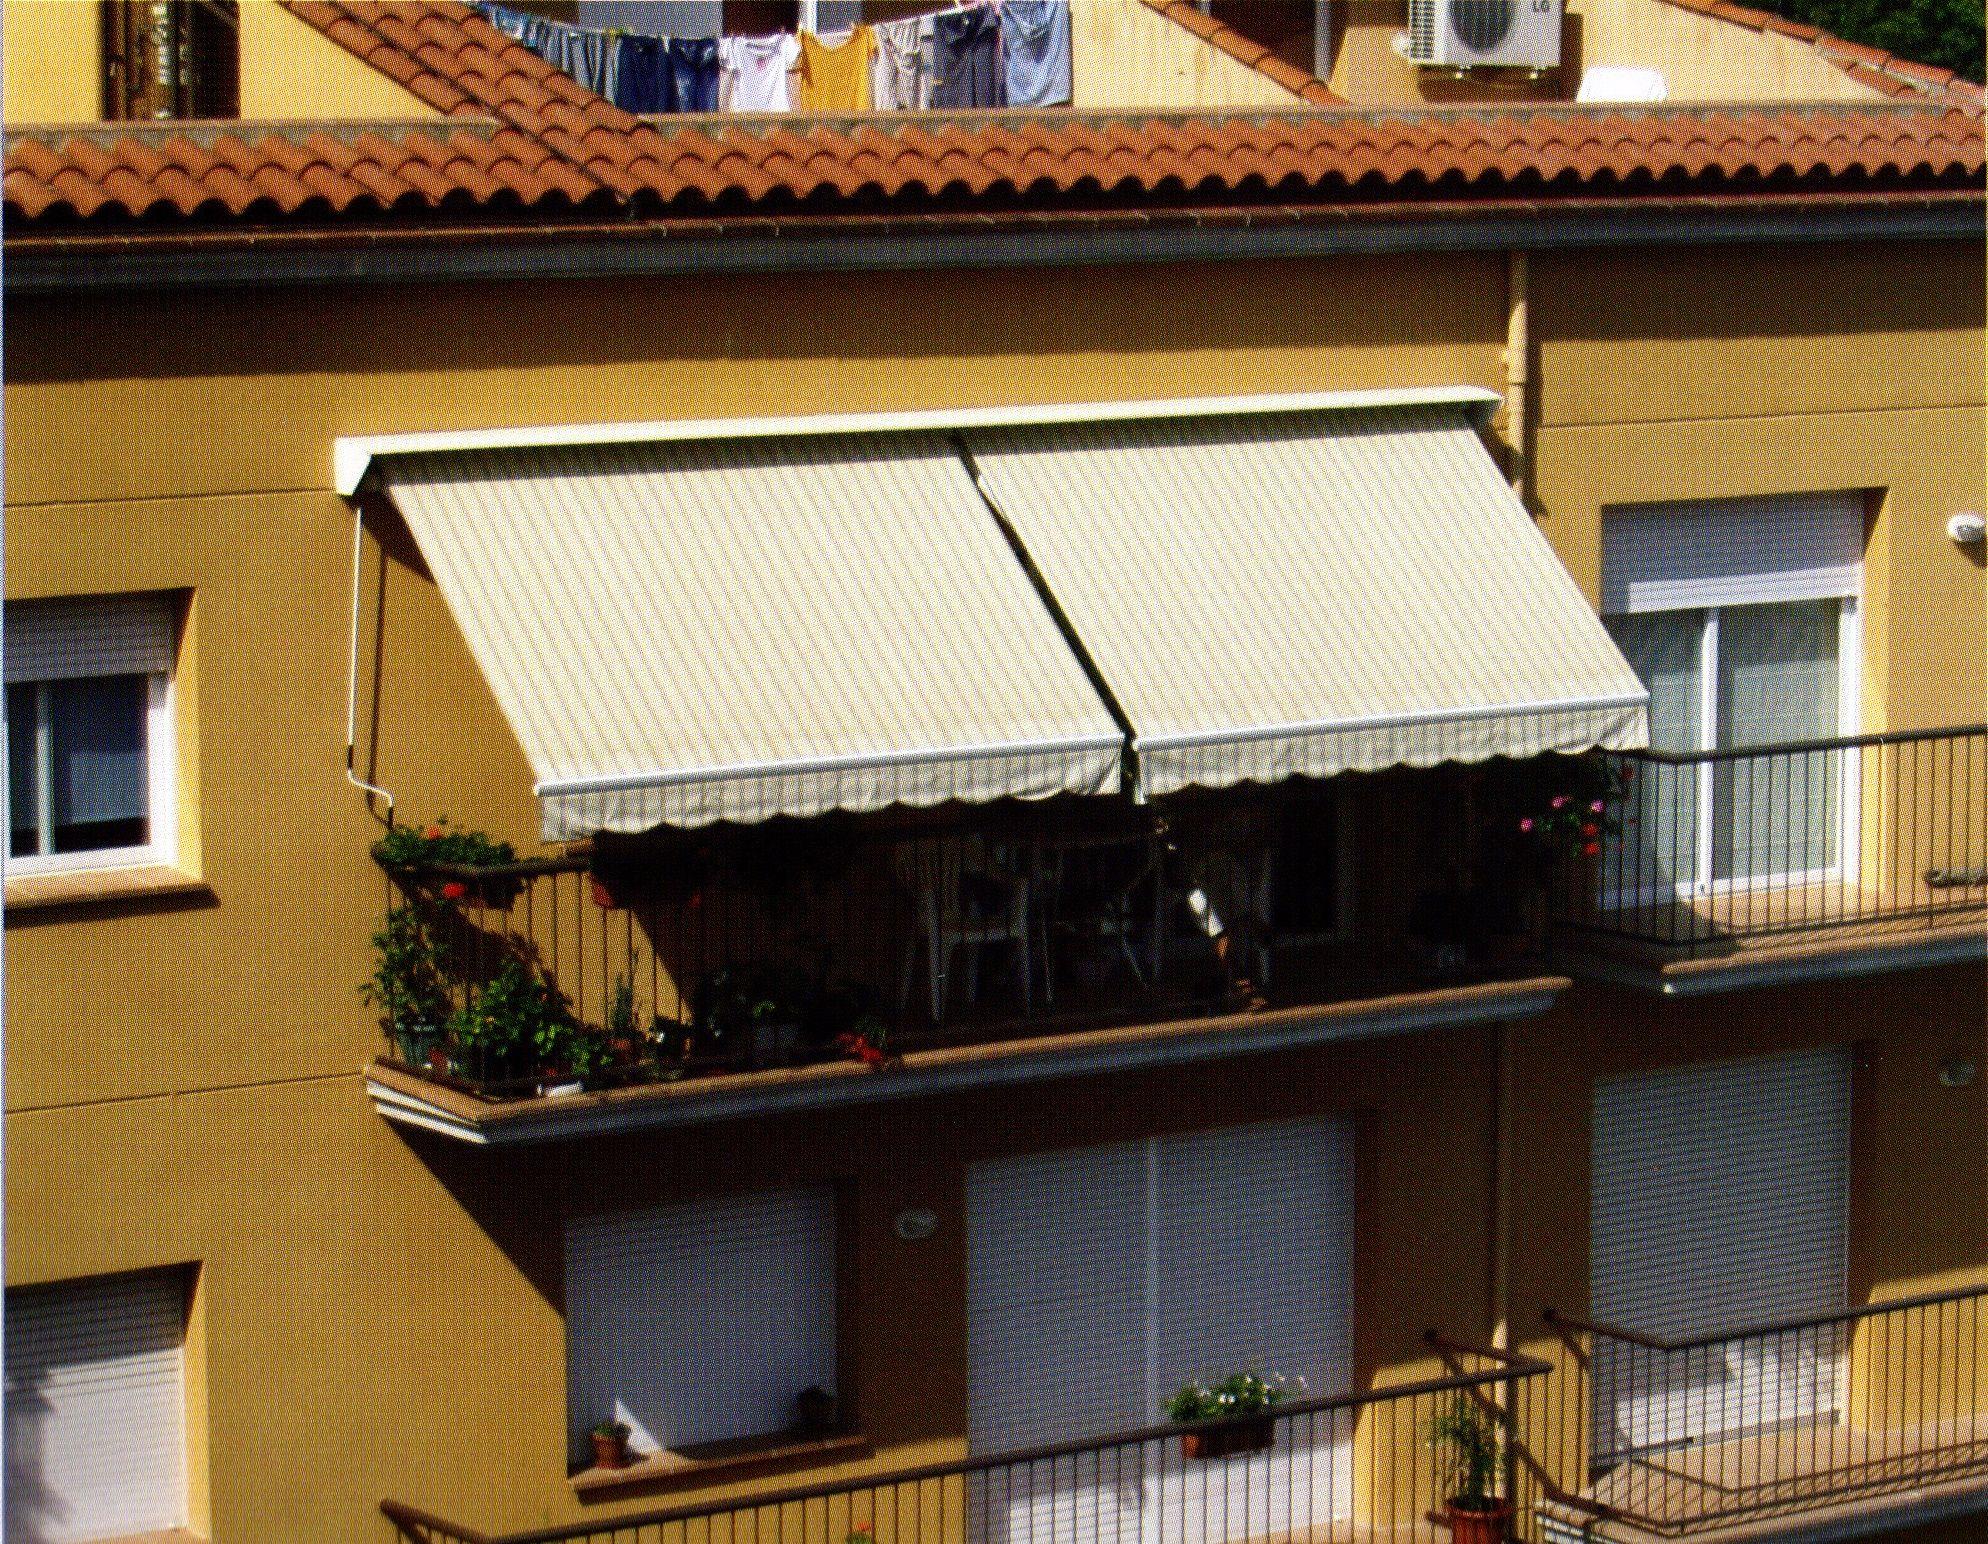 Toldos en balcones: Productos de Toldos Andueza